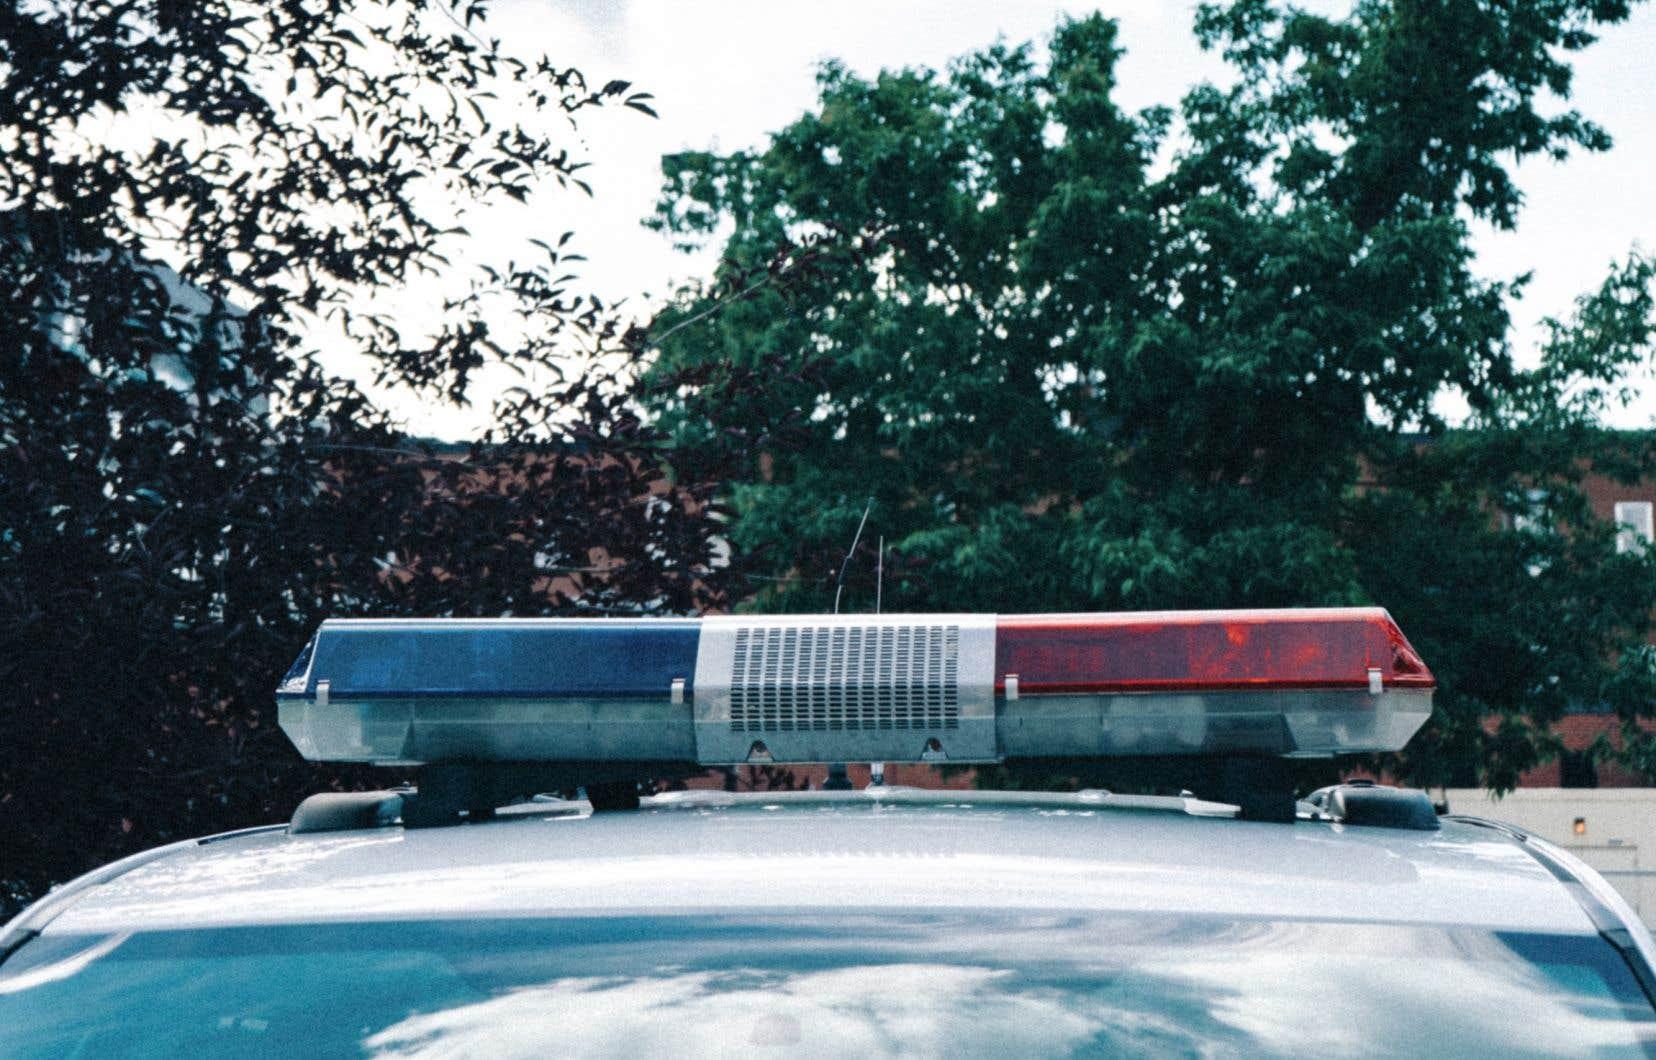 Selon le Service de police de la ville de Québec SPVQ, les victimes sont un homme dans la vingtaine et un enfant.